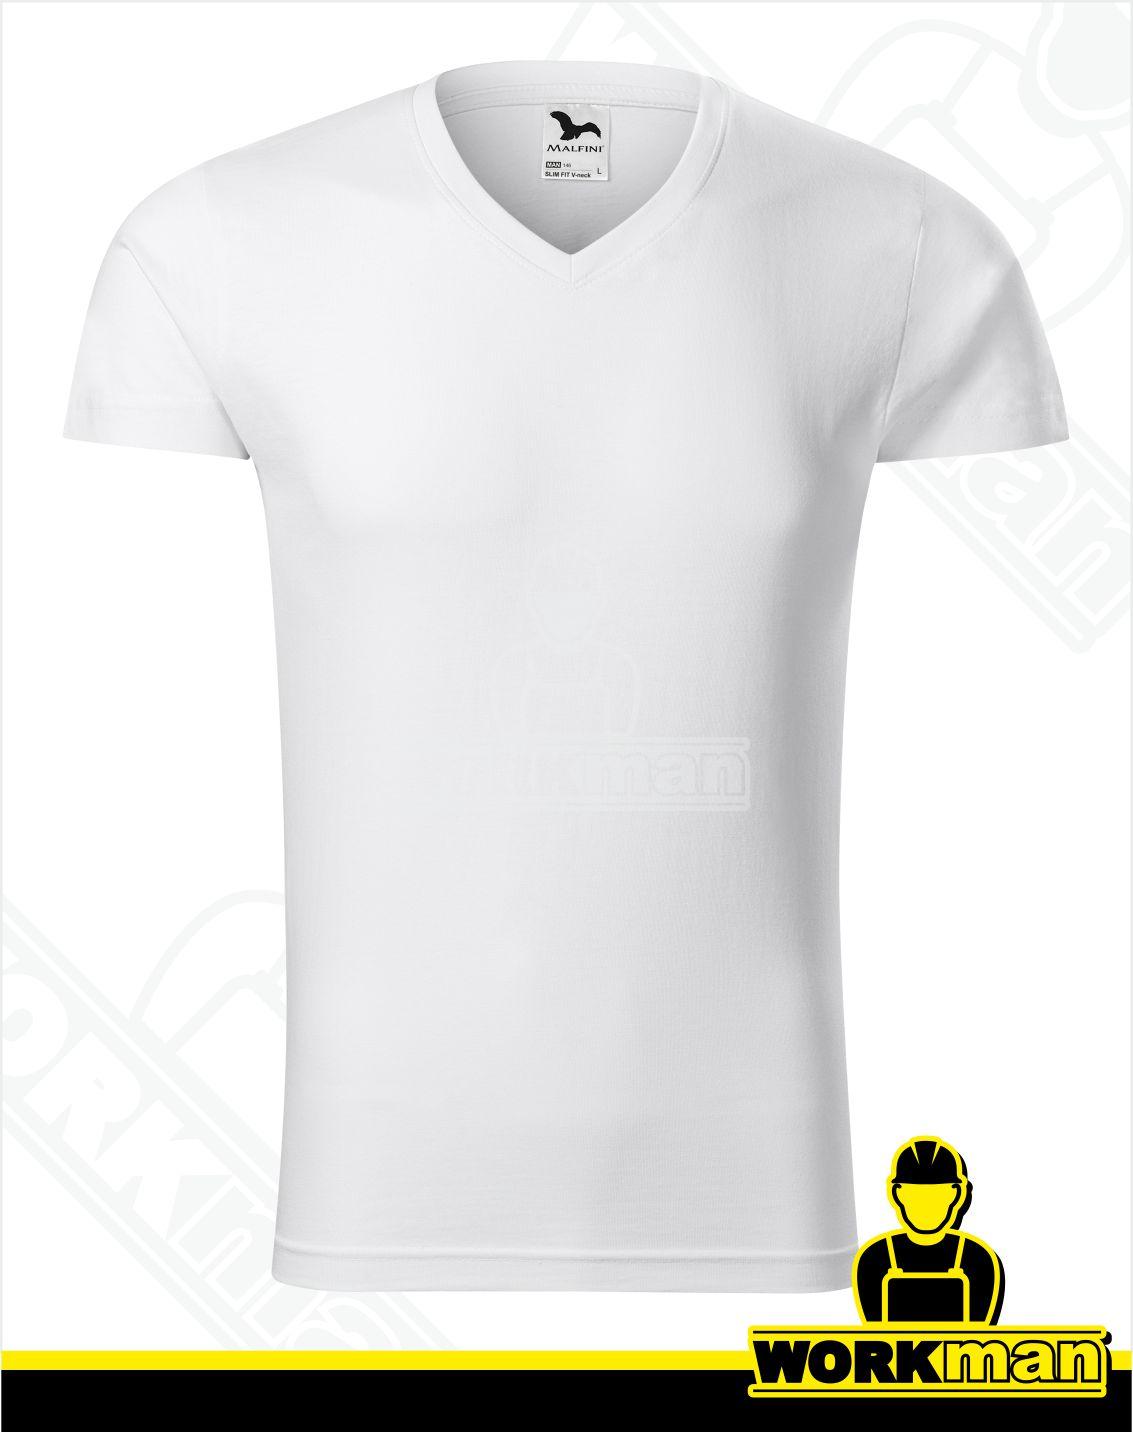 c66fe94e8ba9 Pánske tričko SLIM FIT V-NECK Malfini Pracovné odevy WORKMAN